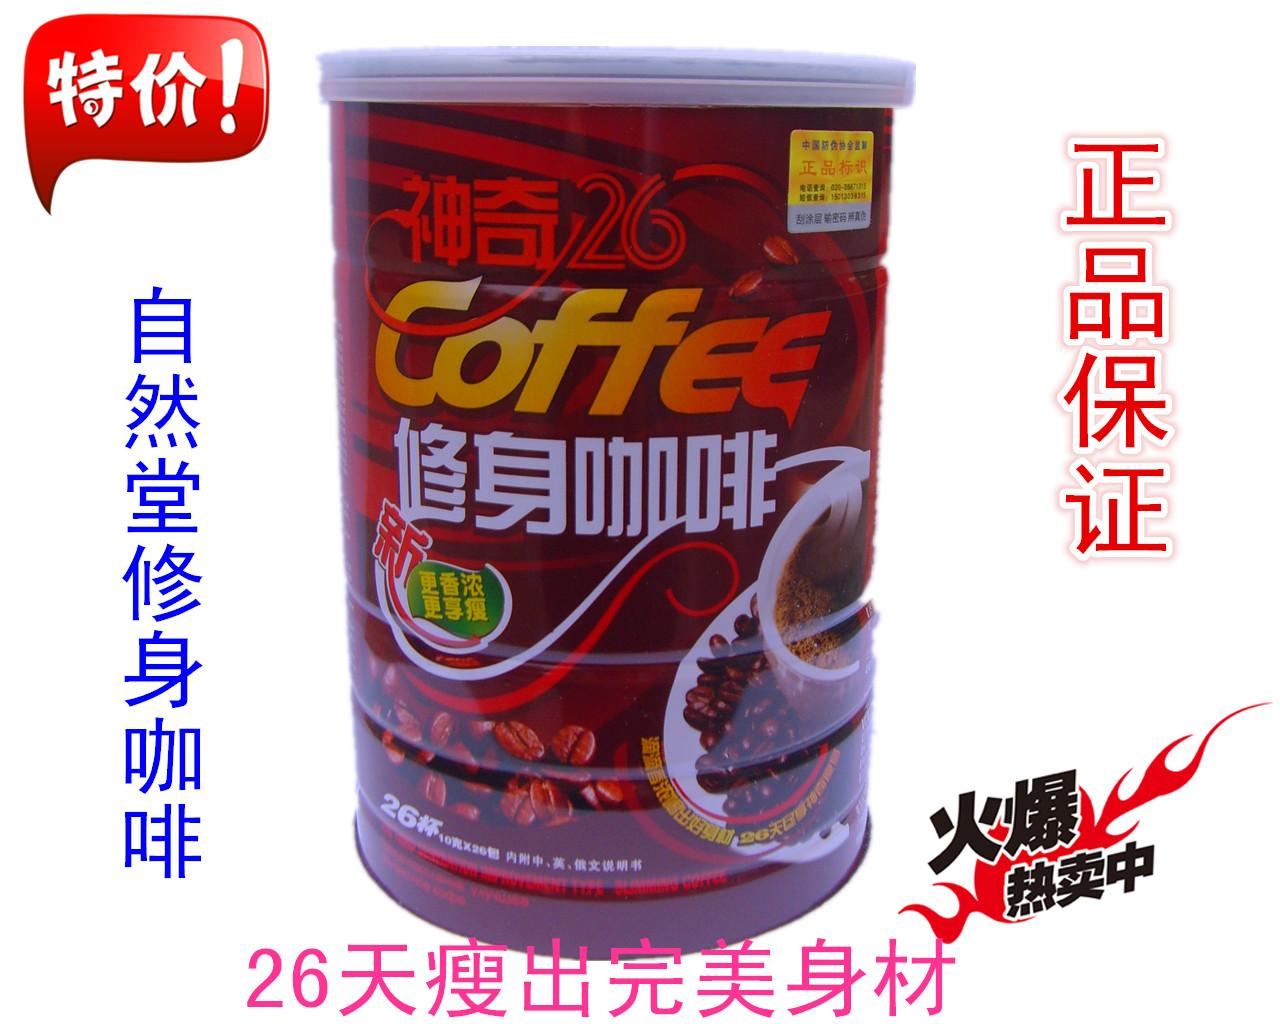 神奇26修身咖啡_26修身咖啡 减肥咖啡 瘦身咖啡 厂家直销 正品保证